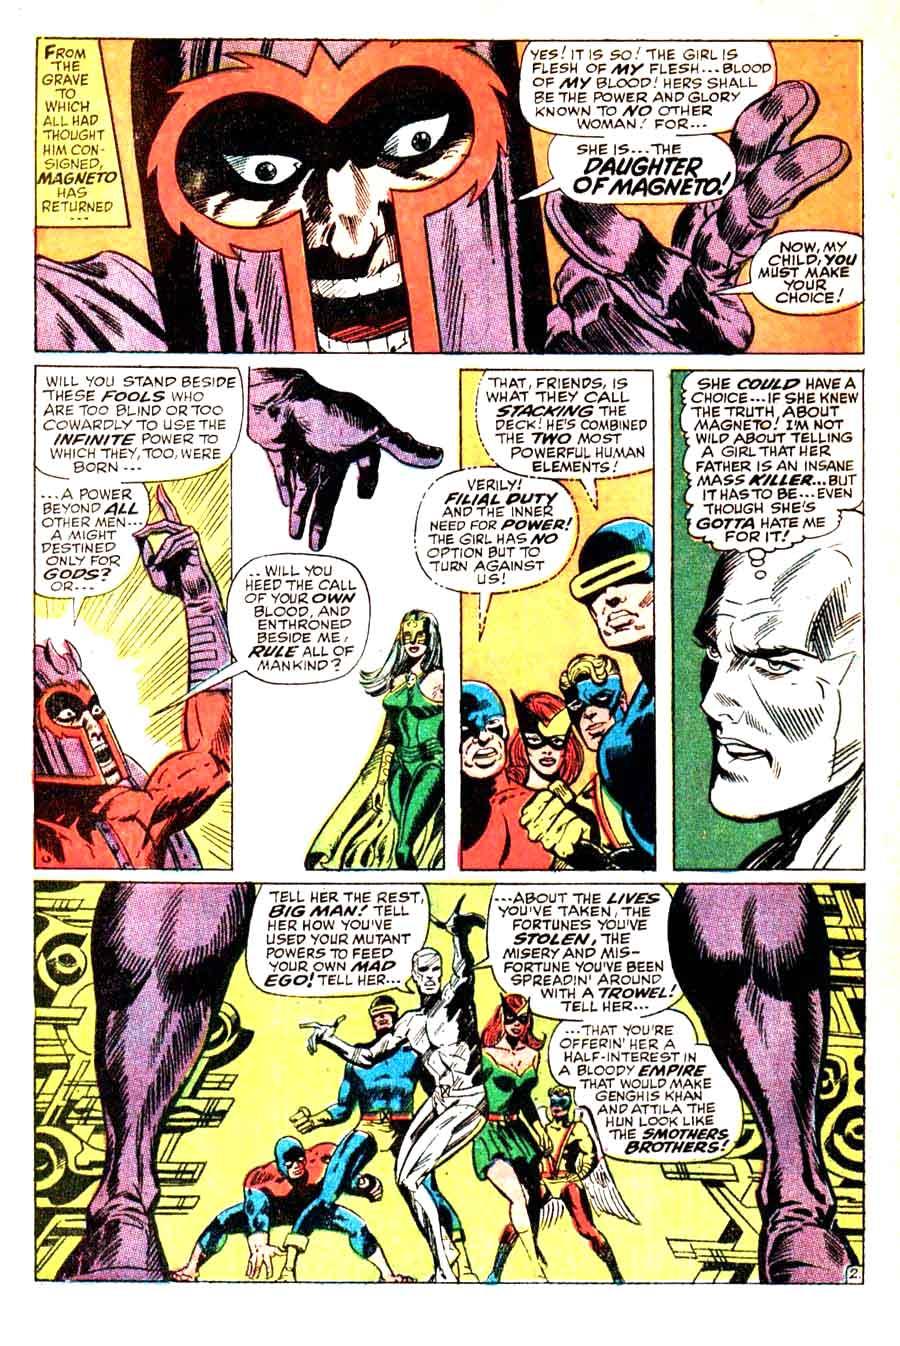 X-men v1 #51 marvel comic book cover art by Jim Steranko